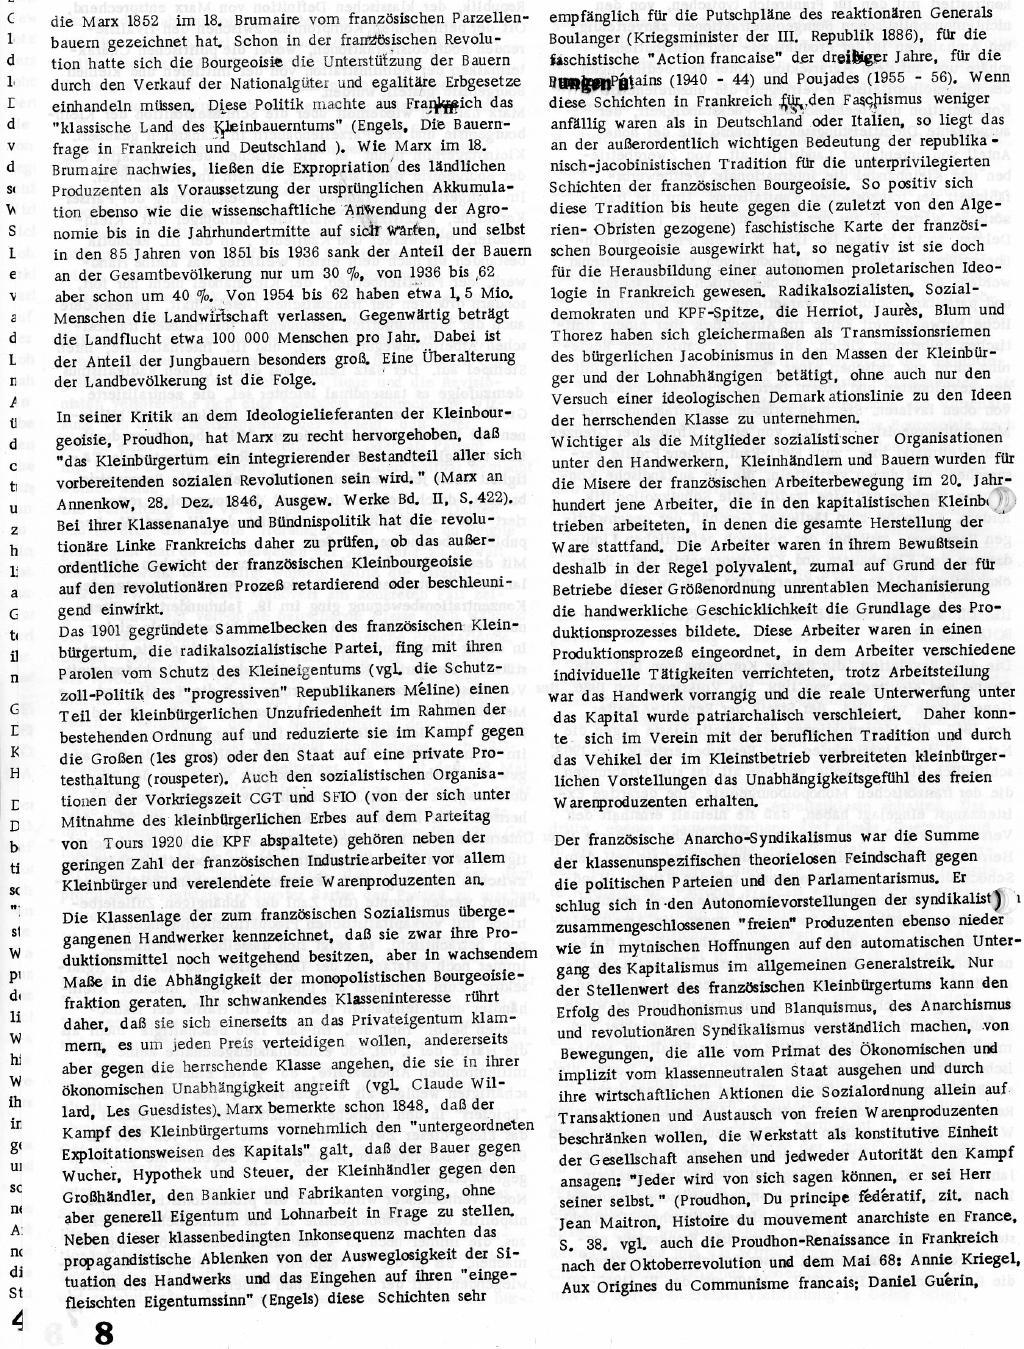 RPK_1970_073_08